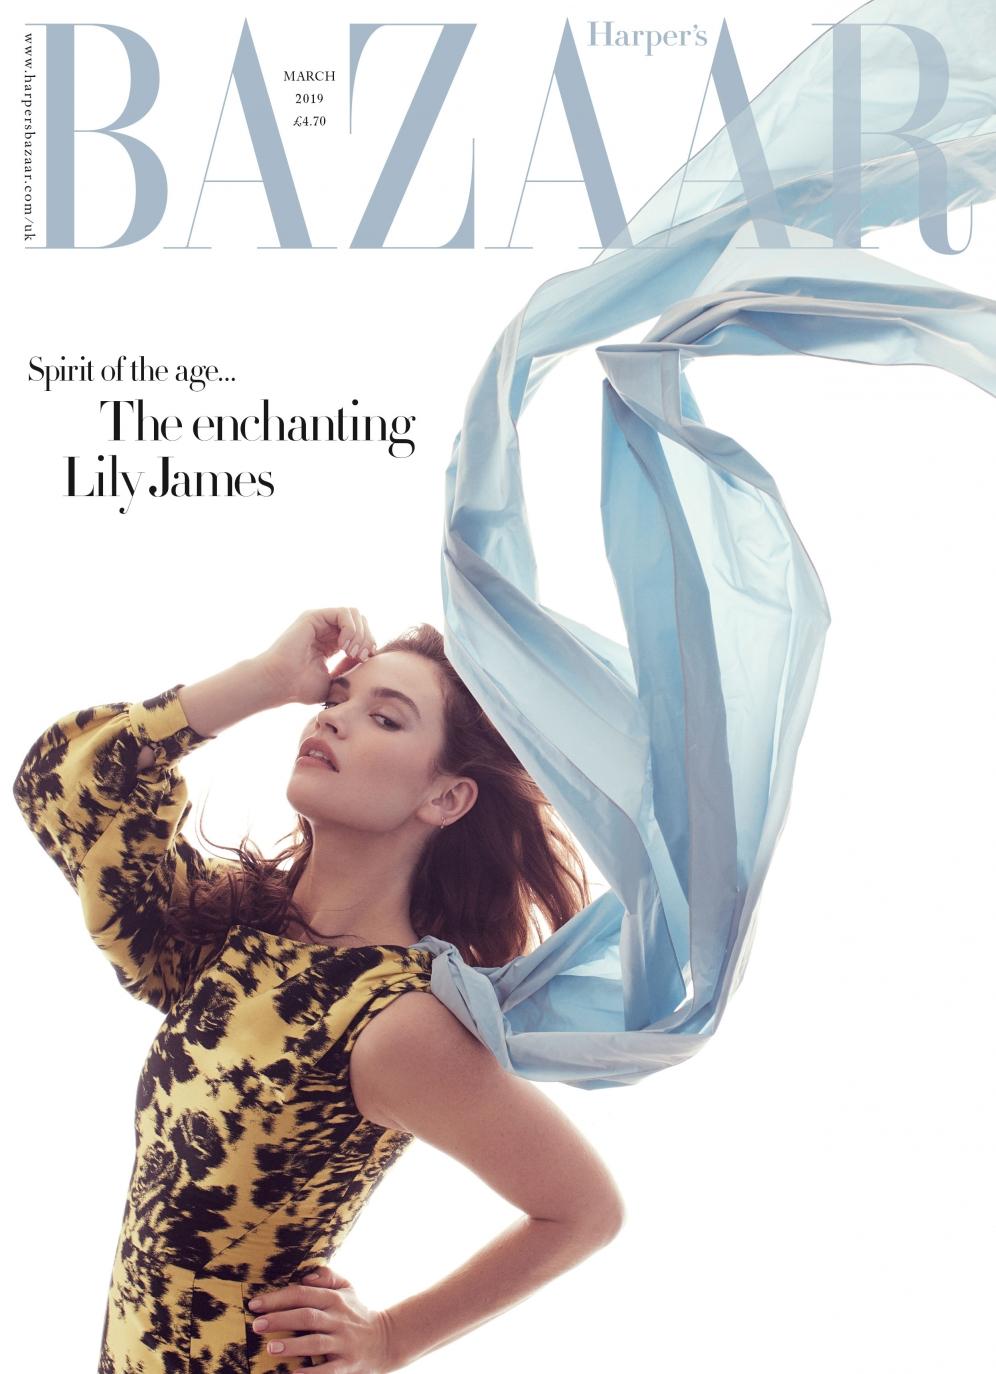 Lily James | Harpers Bazaar